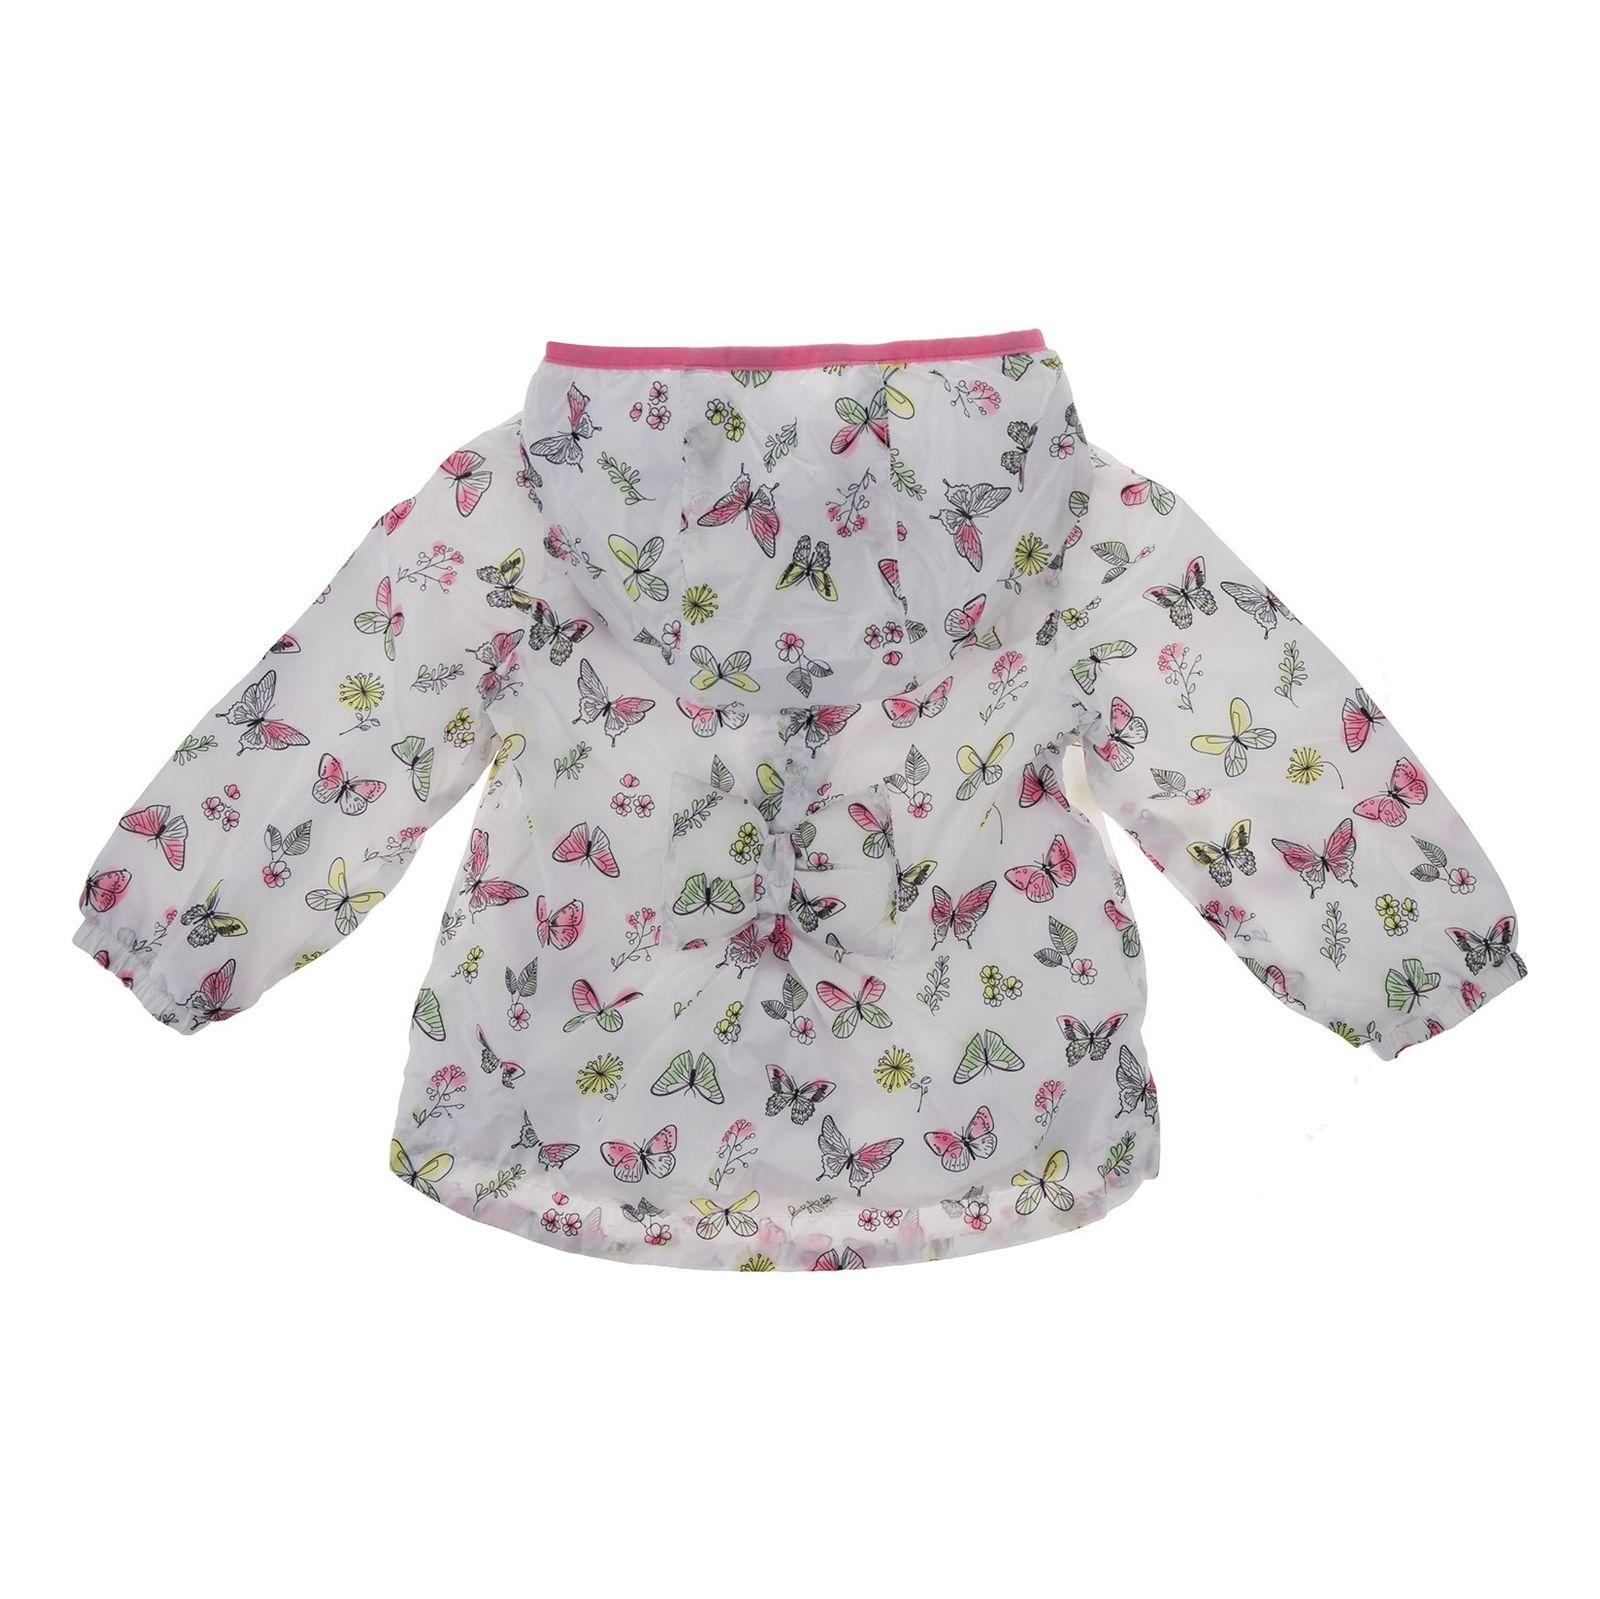 کاپشن طرح دار نوزادی دخترانه - بلوکیدز - سفيد - 2